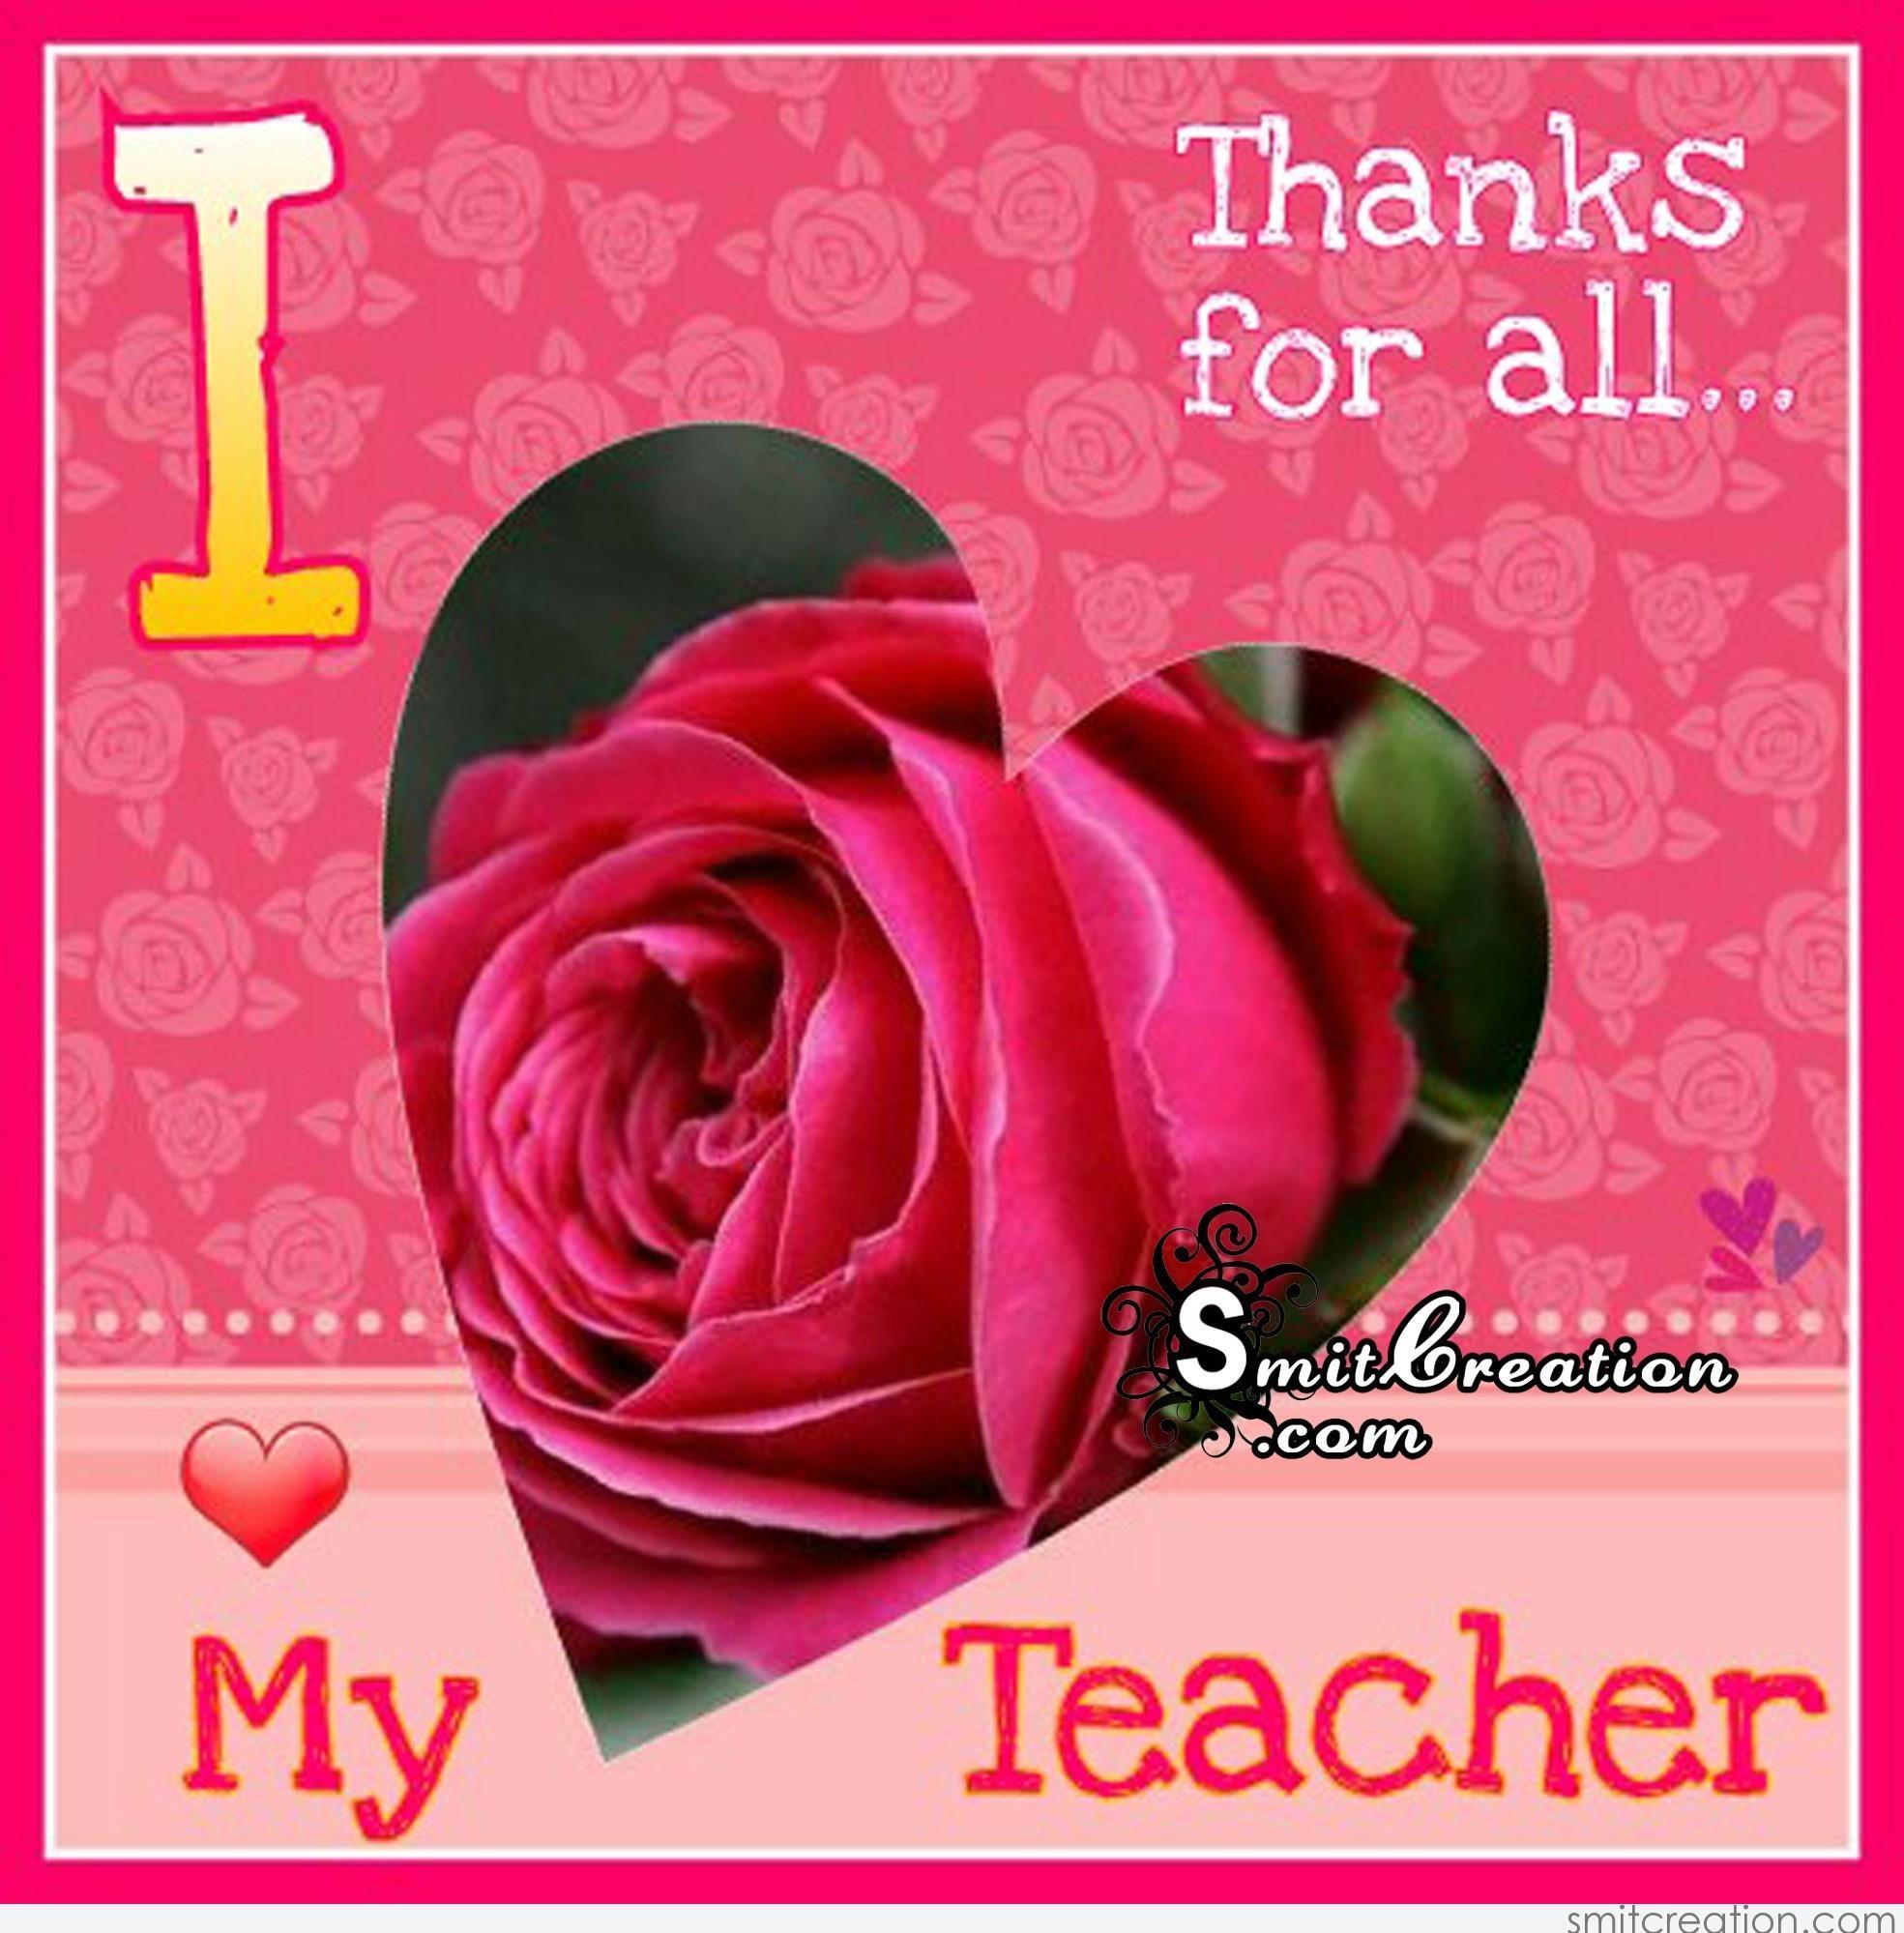 I Love My Teacher Thanks For All